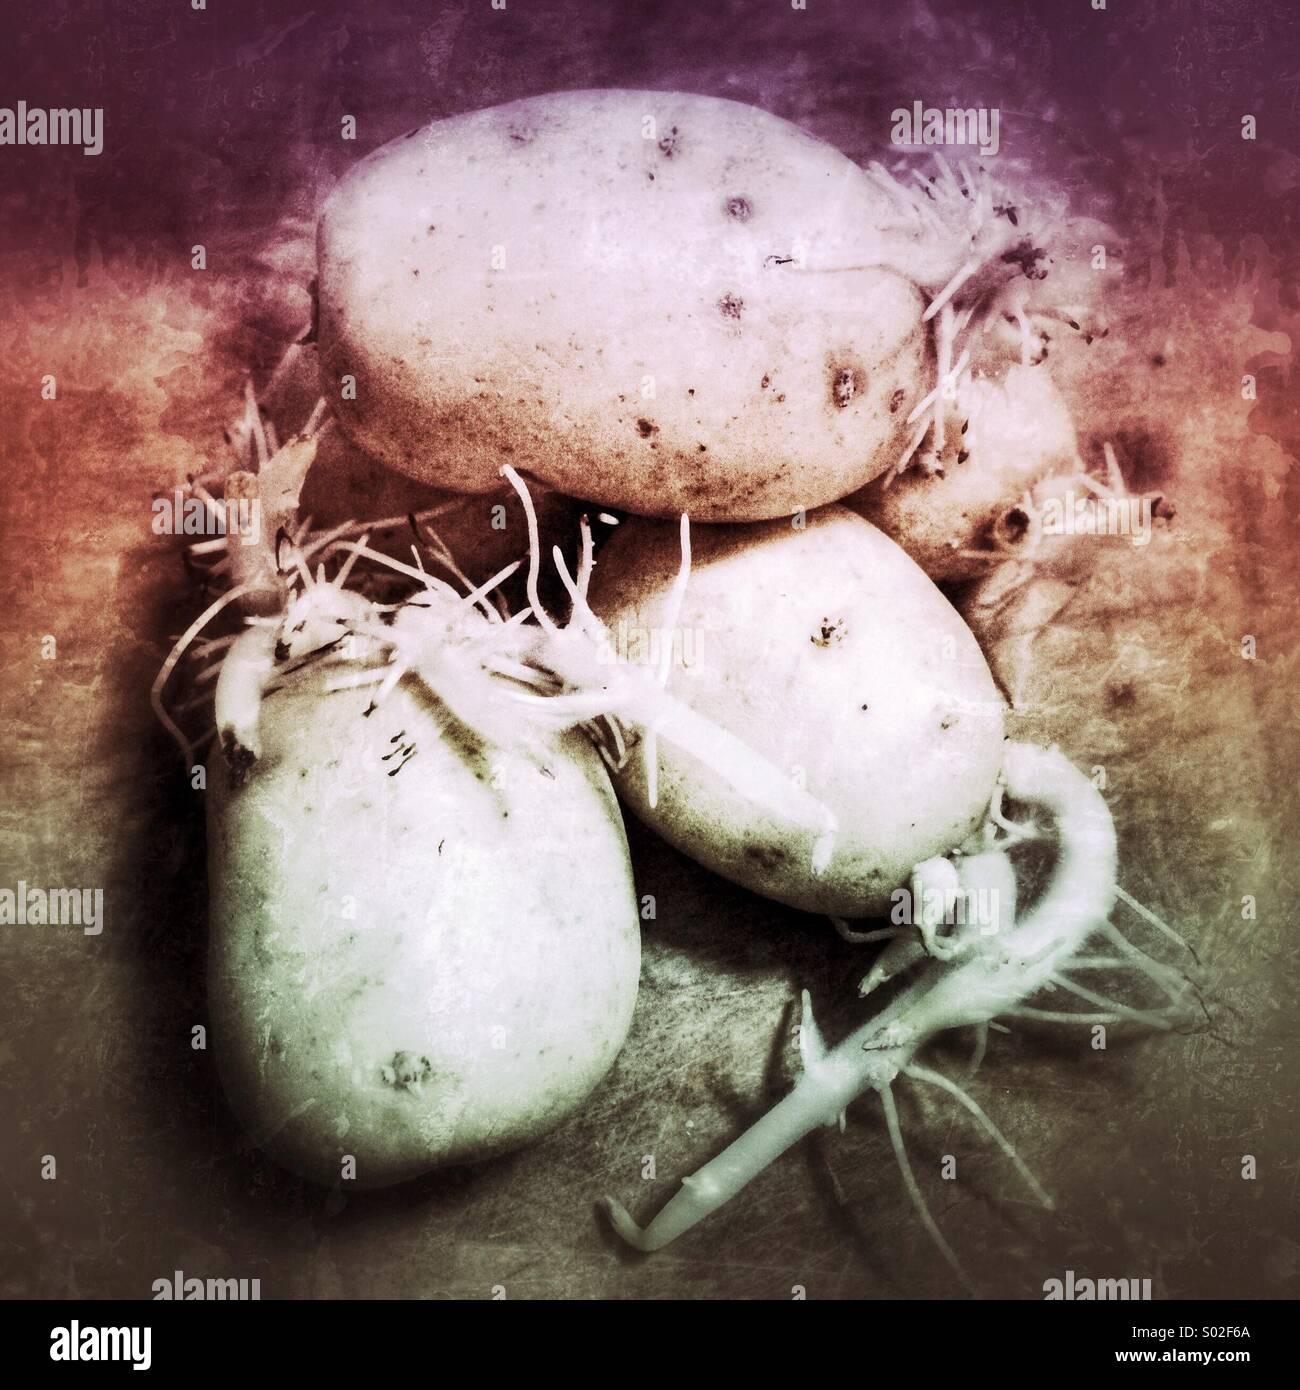 Patatas germinadas Imagen De Stock